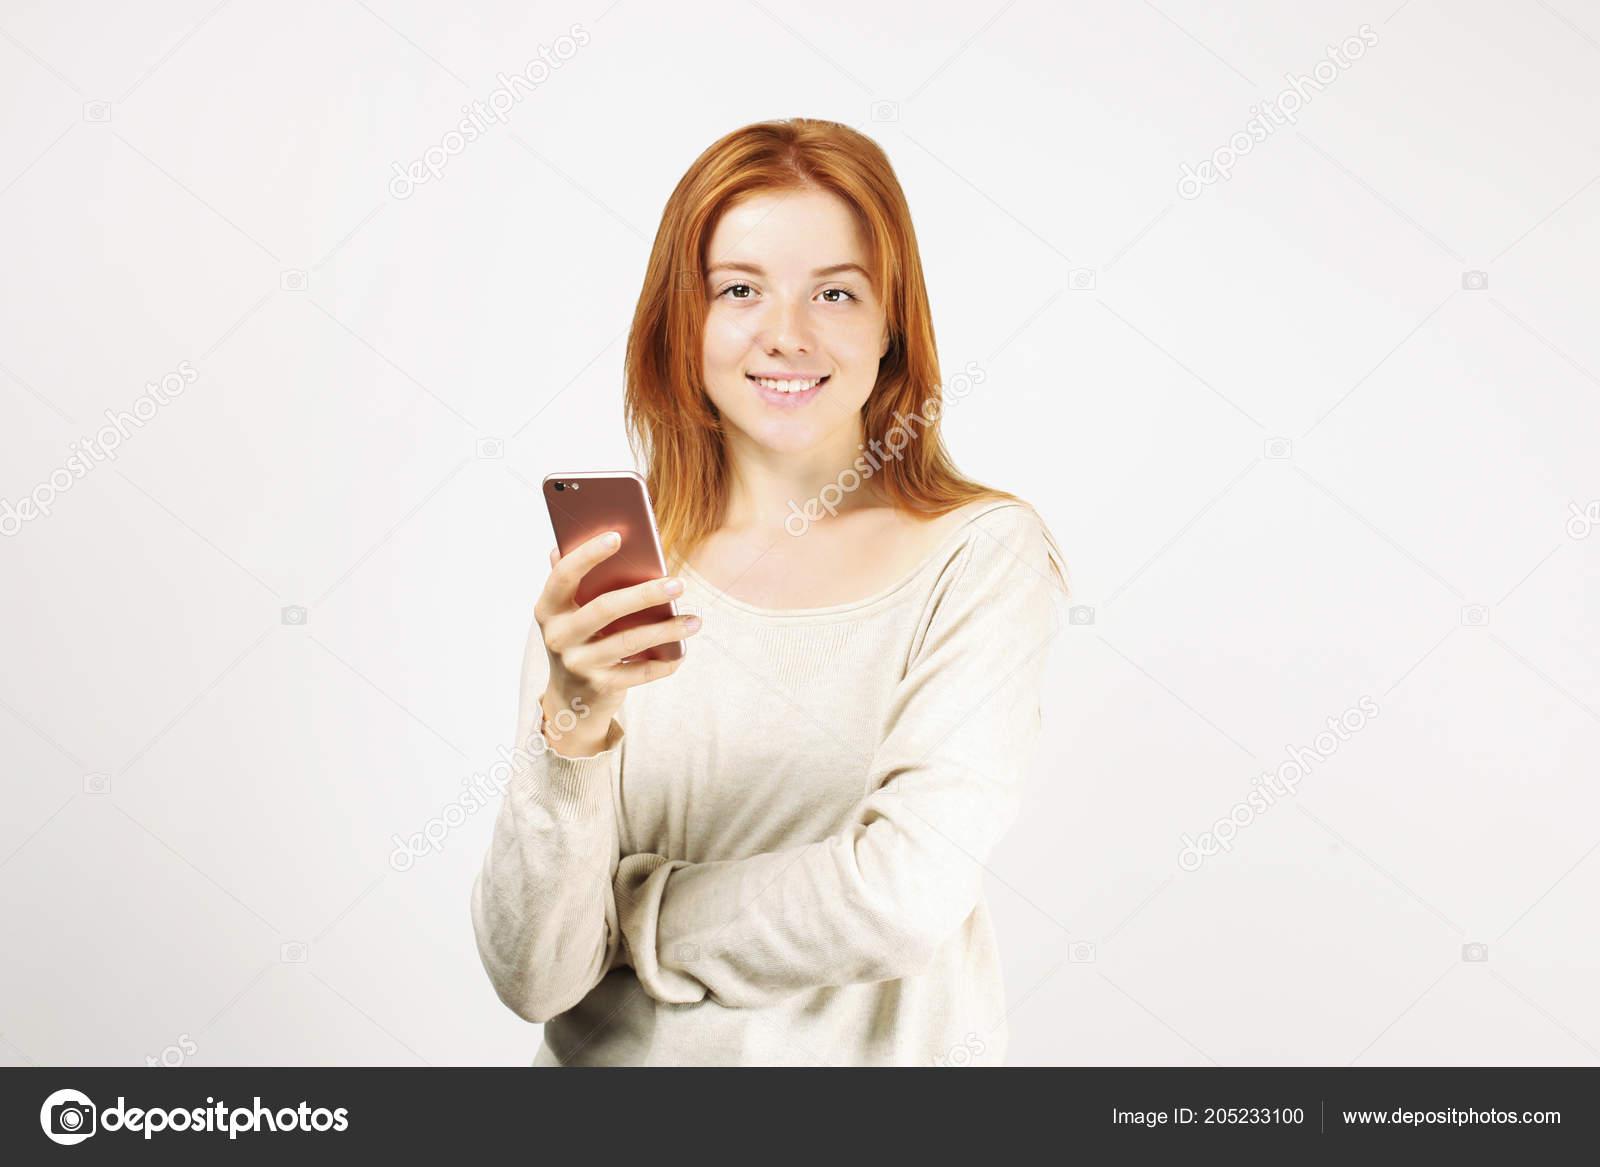 δωρεάν σοβαρή online datingεμπειρία γνωριμιών Βέλγιο